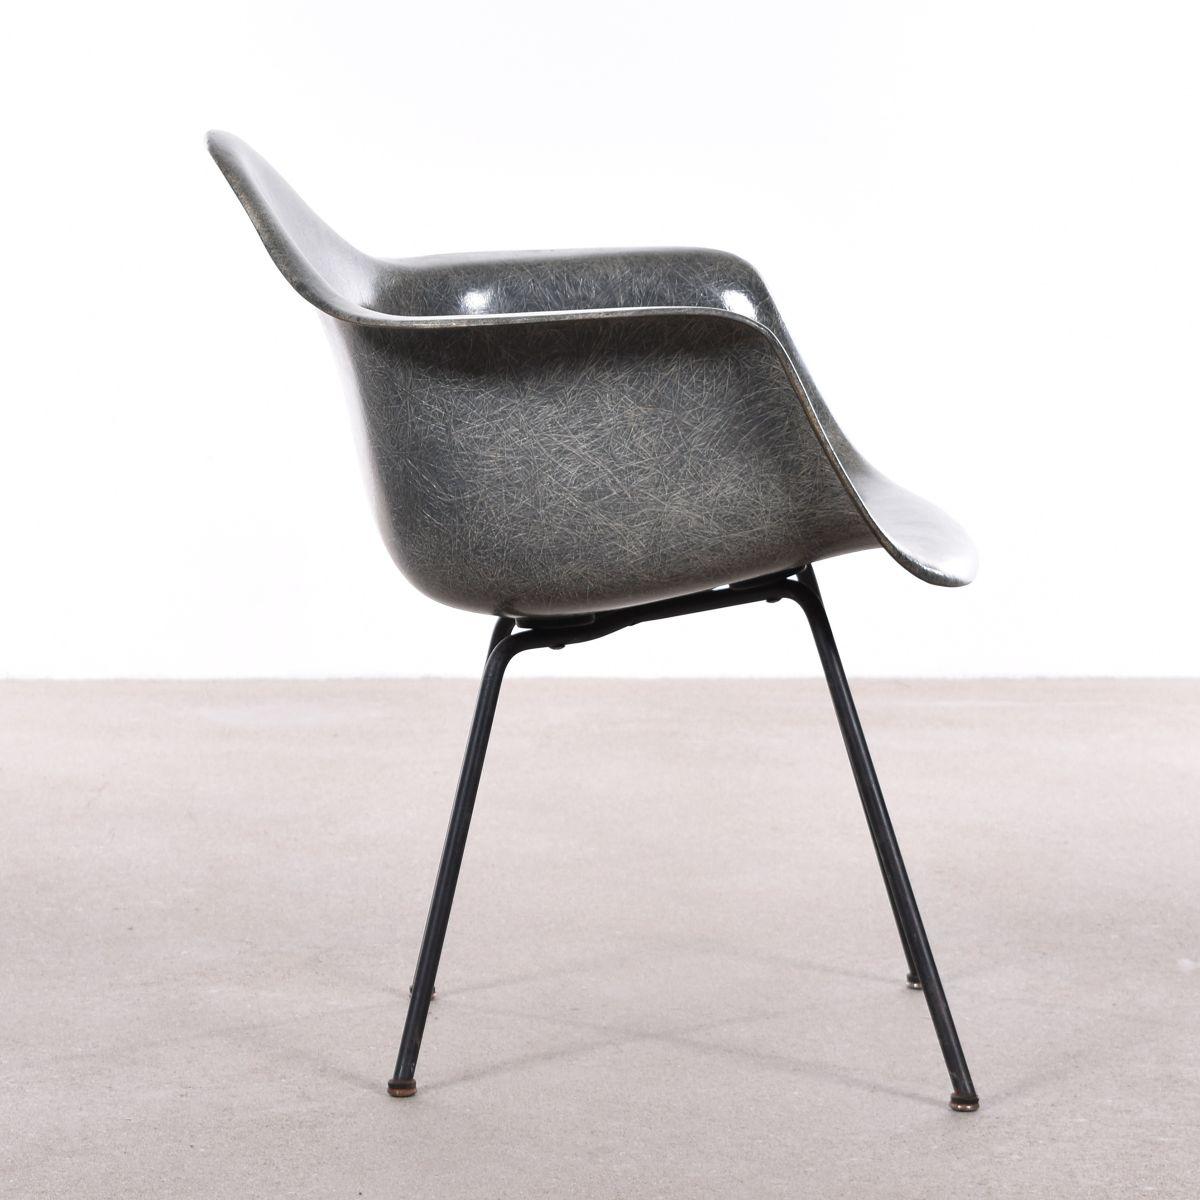 grauer amerikanischer sax stuhl von charles ray eames f r herman miller 1950er bei pamono kaufen. Black Bedroom Furniture Sets. Home Design Ideas